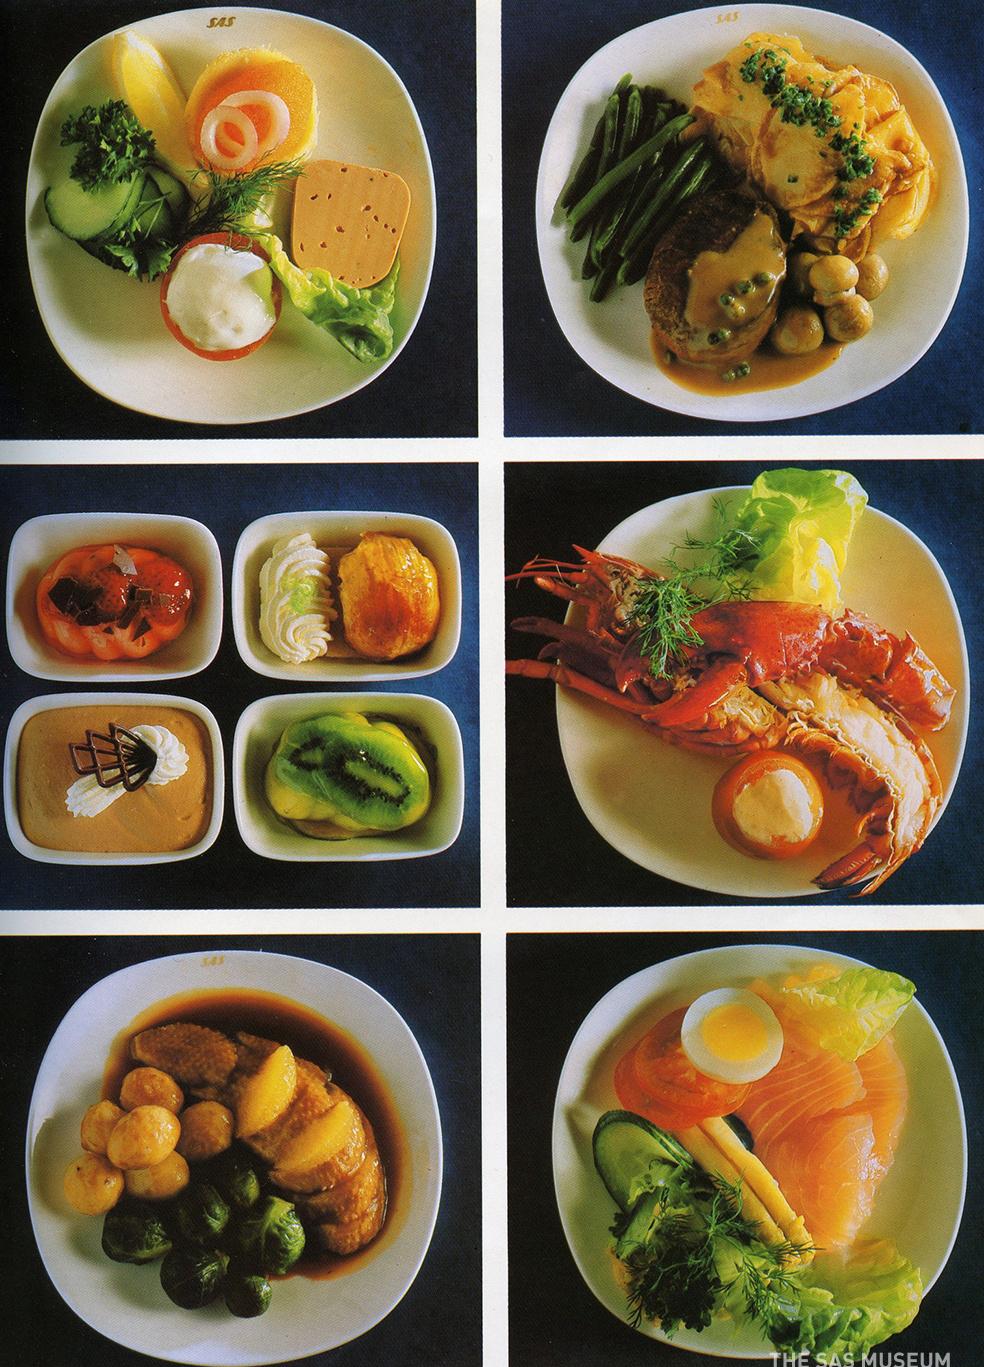 Погледнете како изгледале оброците во авионите помеѓу 50-тите и 80-тите години